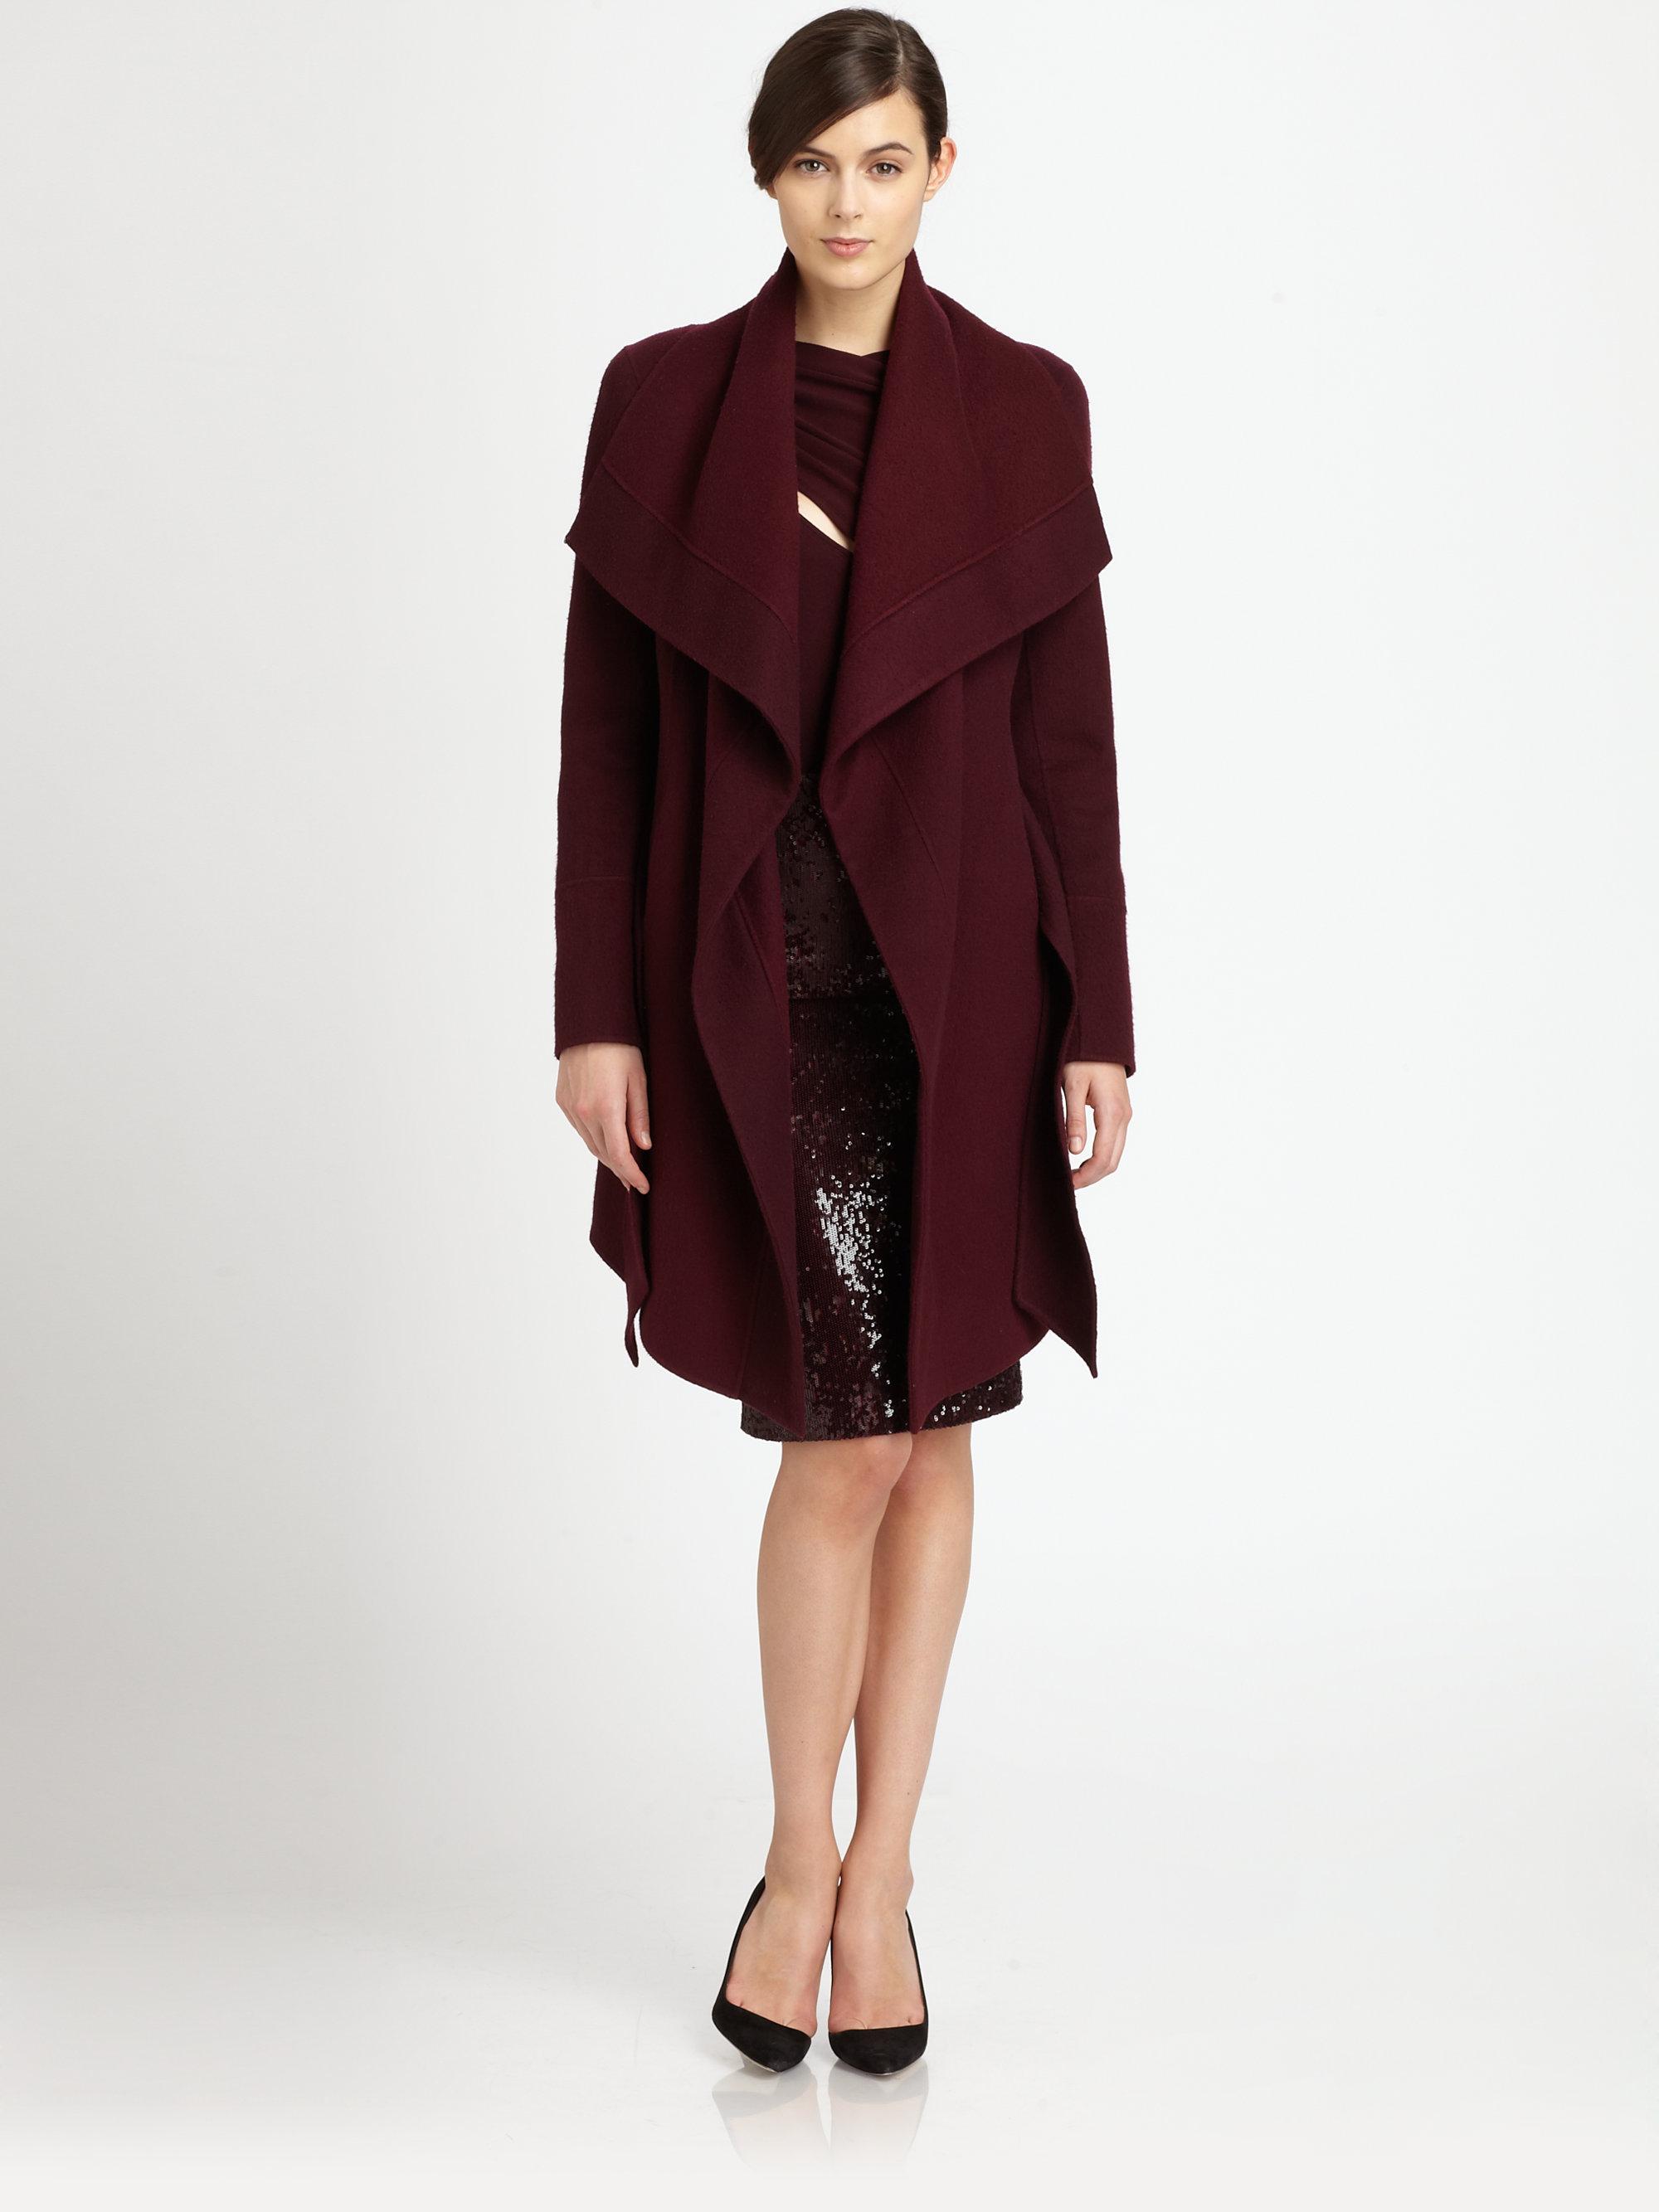 lyst donna karan draped cashmere coat in red. Black Bedroom Furniture Sets. Home Design Ideas